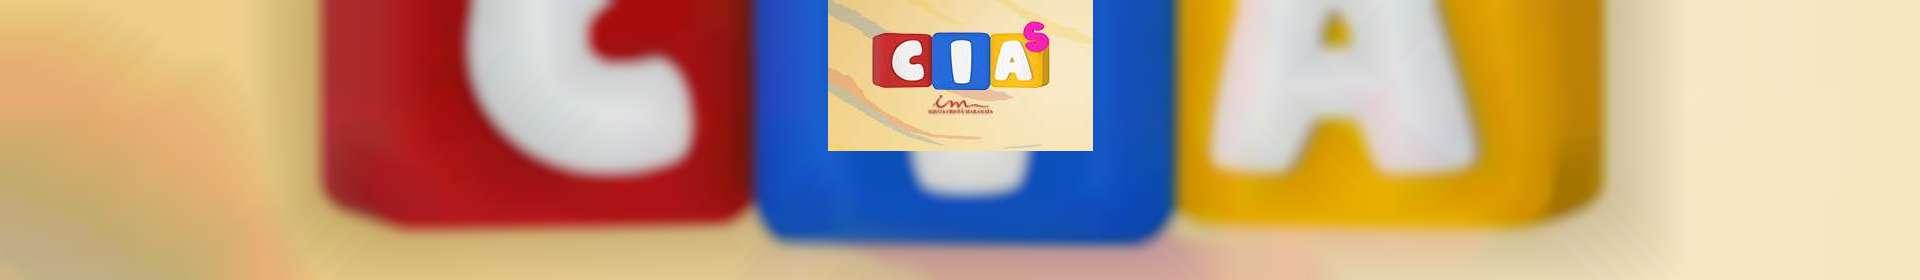 Aula de CIAS: classe de 0 a 3 anos - 07 de maio de 2020